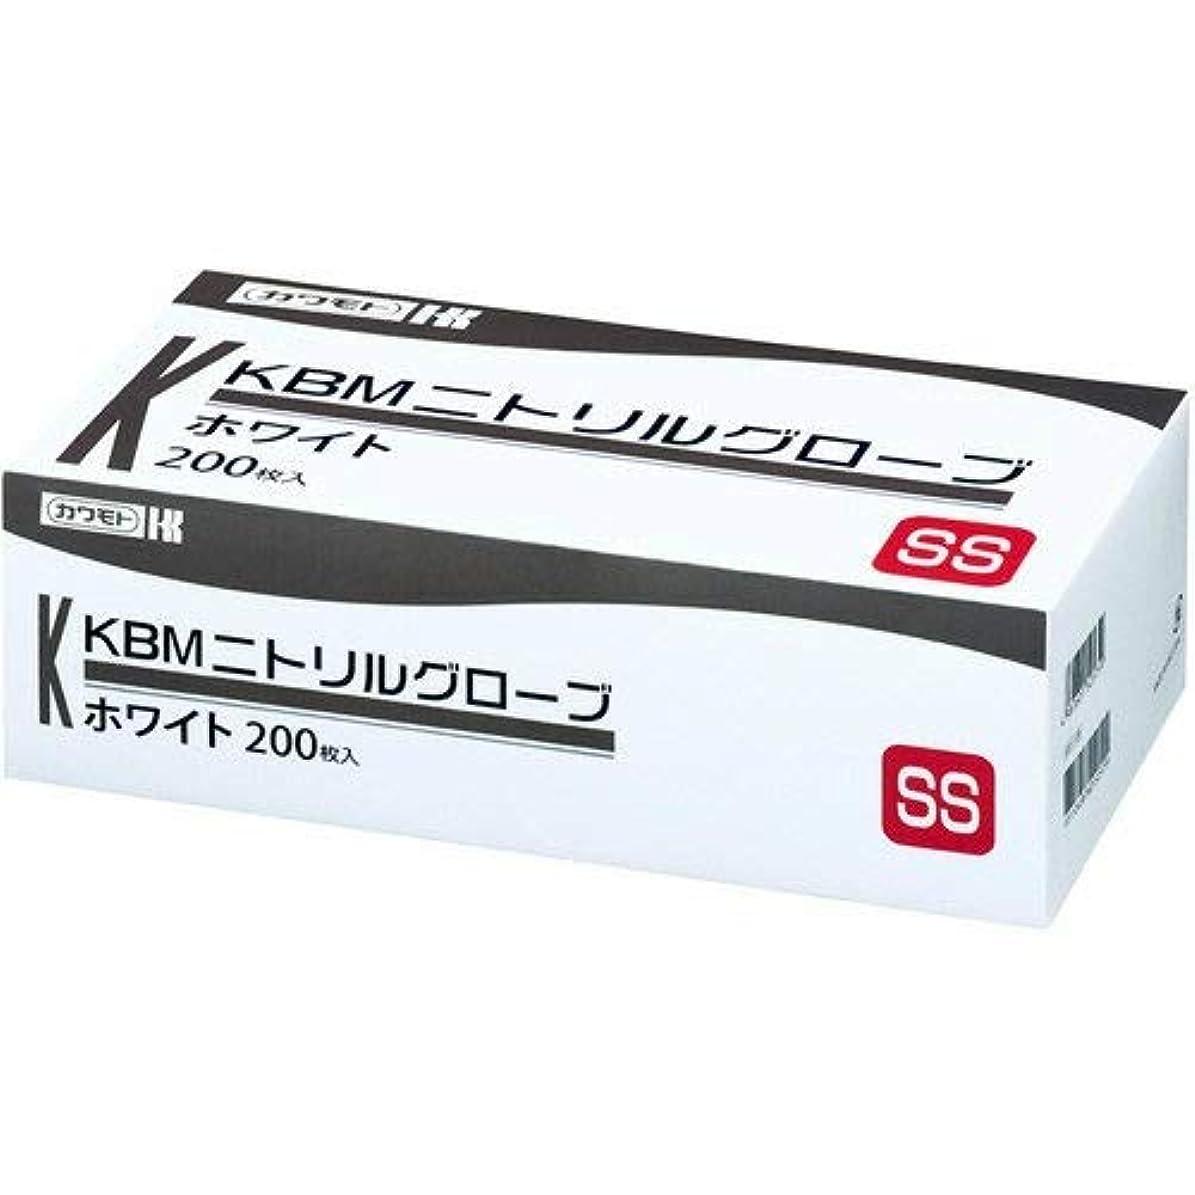 誕生ペン調整可能川本産業 カワモト ニトリルグローブ ホワイト SS 200枚入